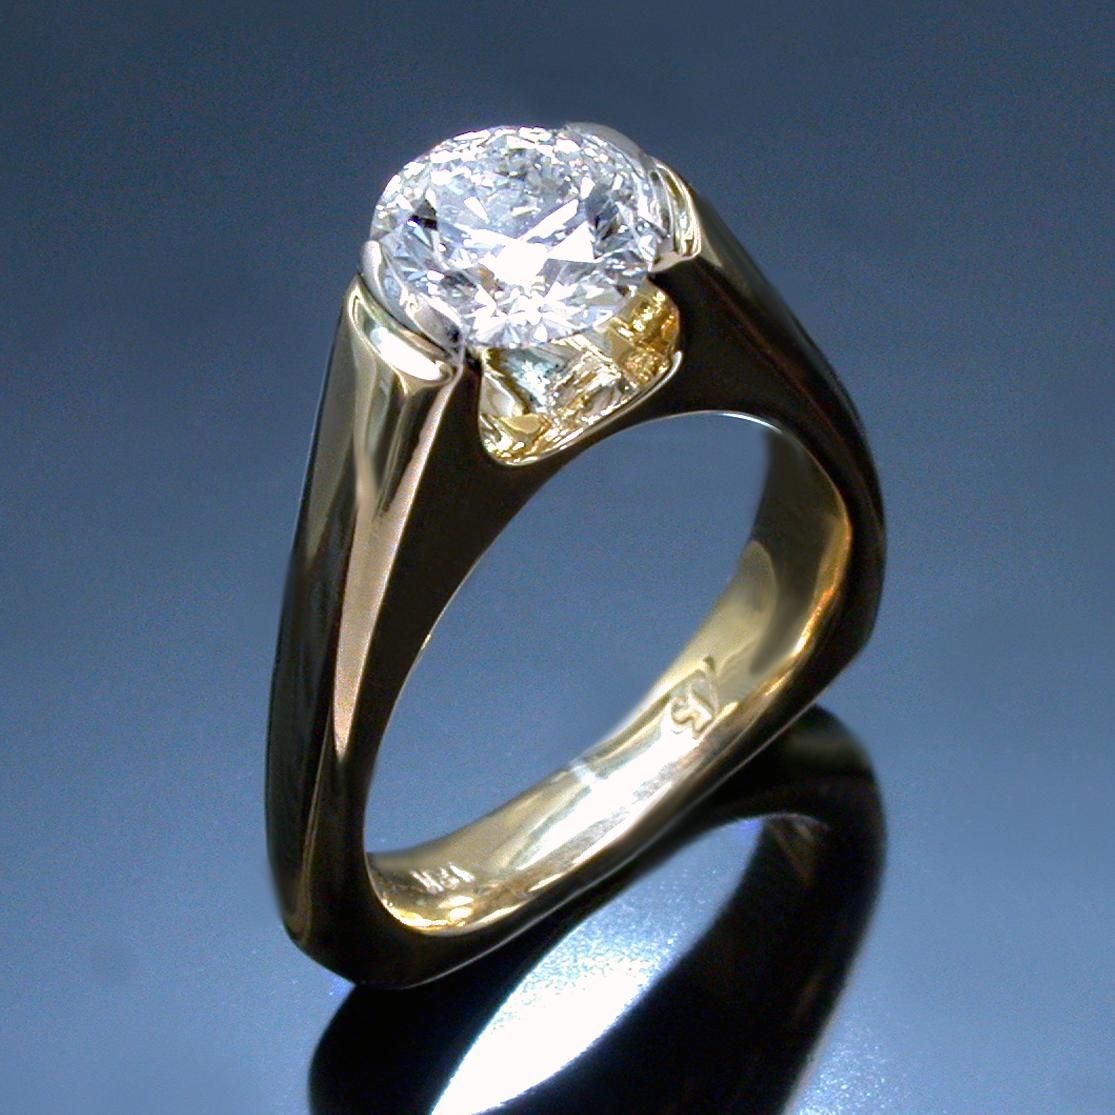 JamesBradshaw-Goldsmith-Diamond-ring-5.jpg